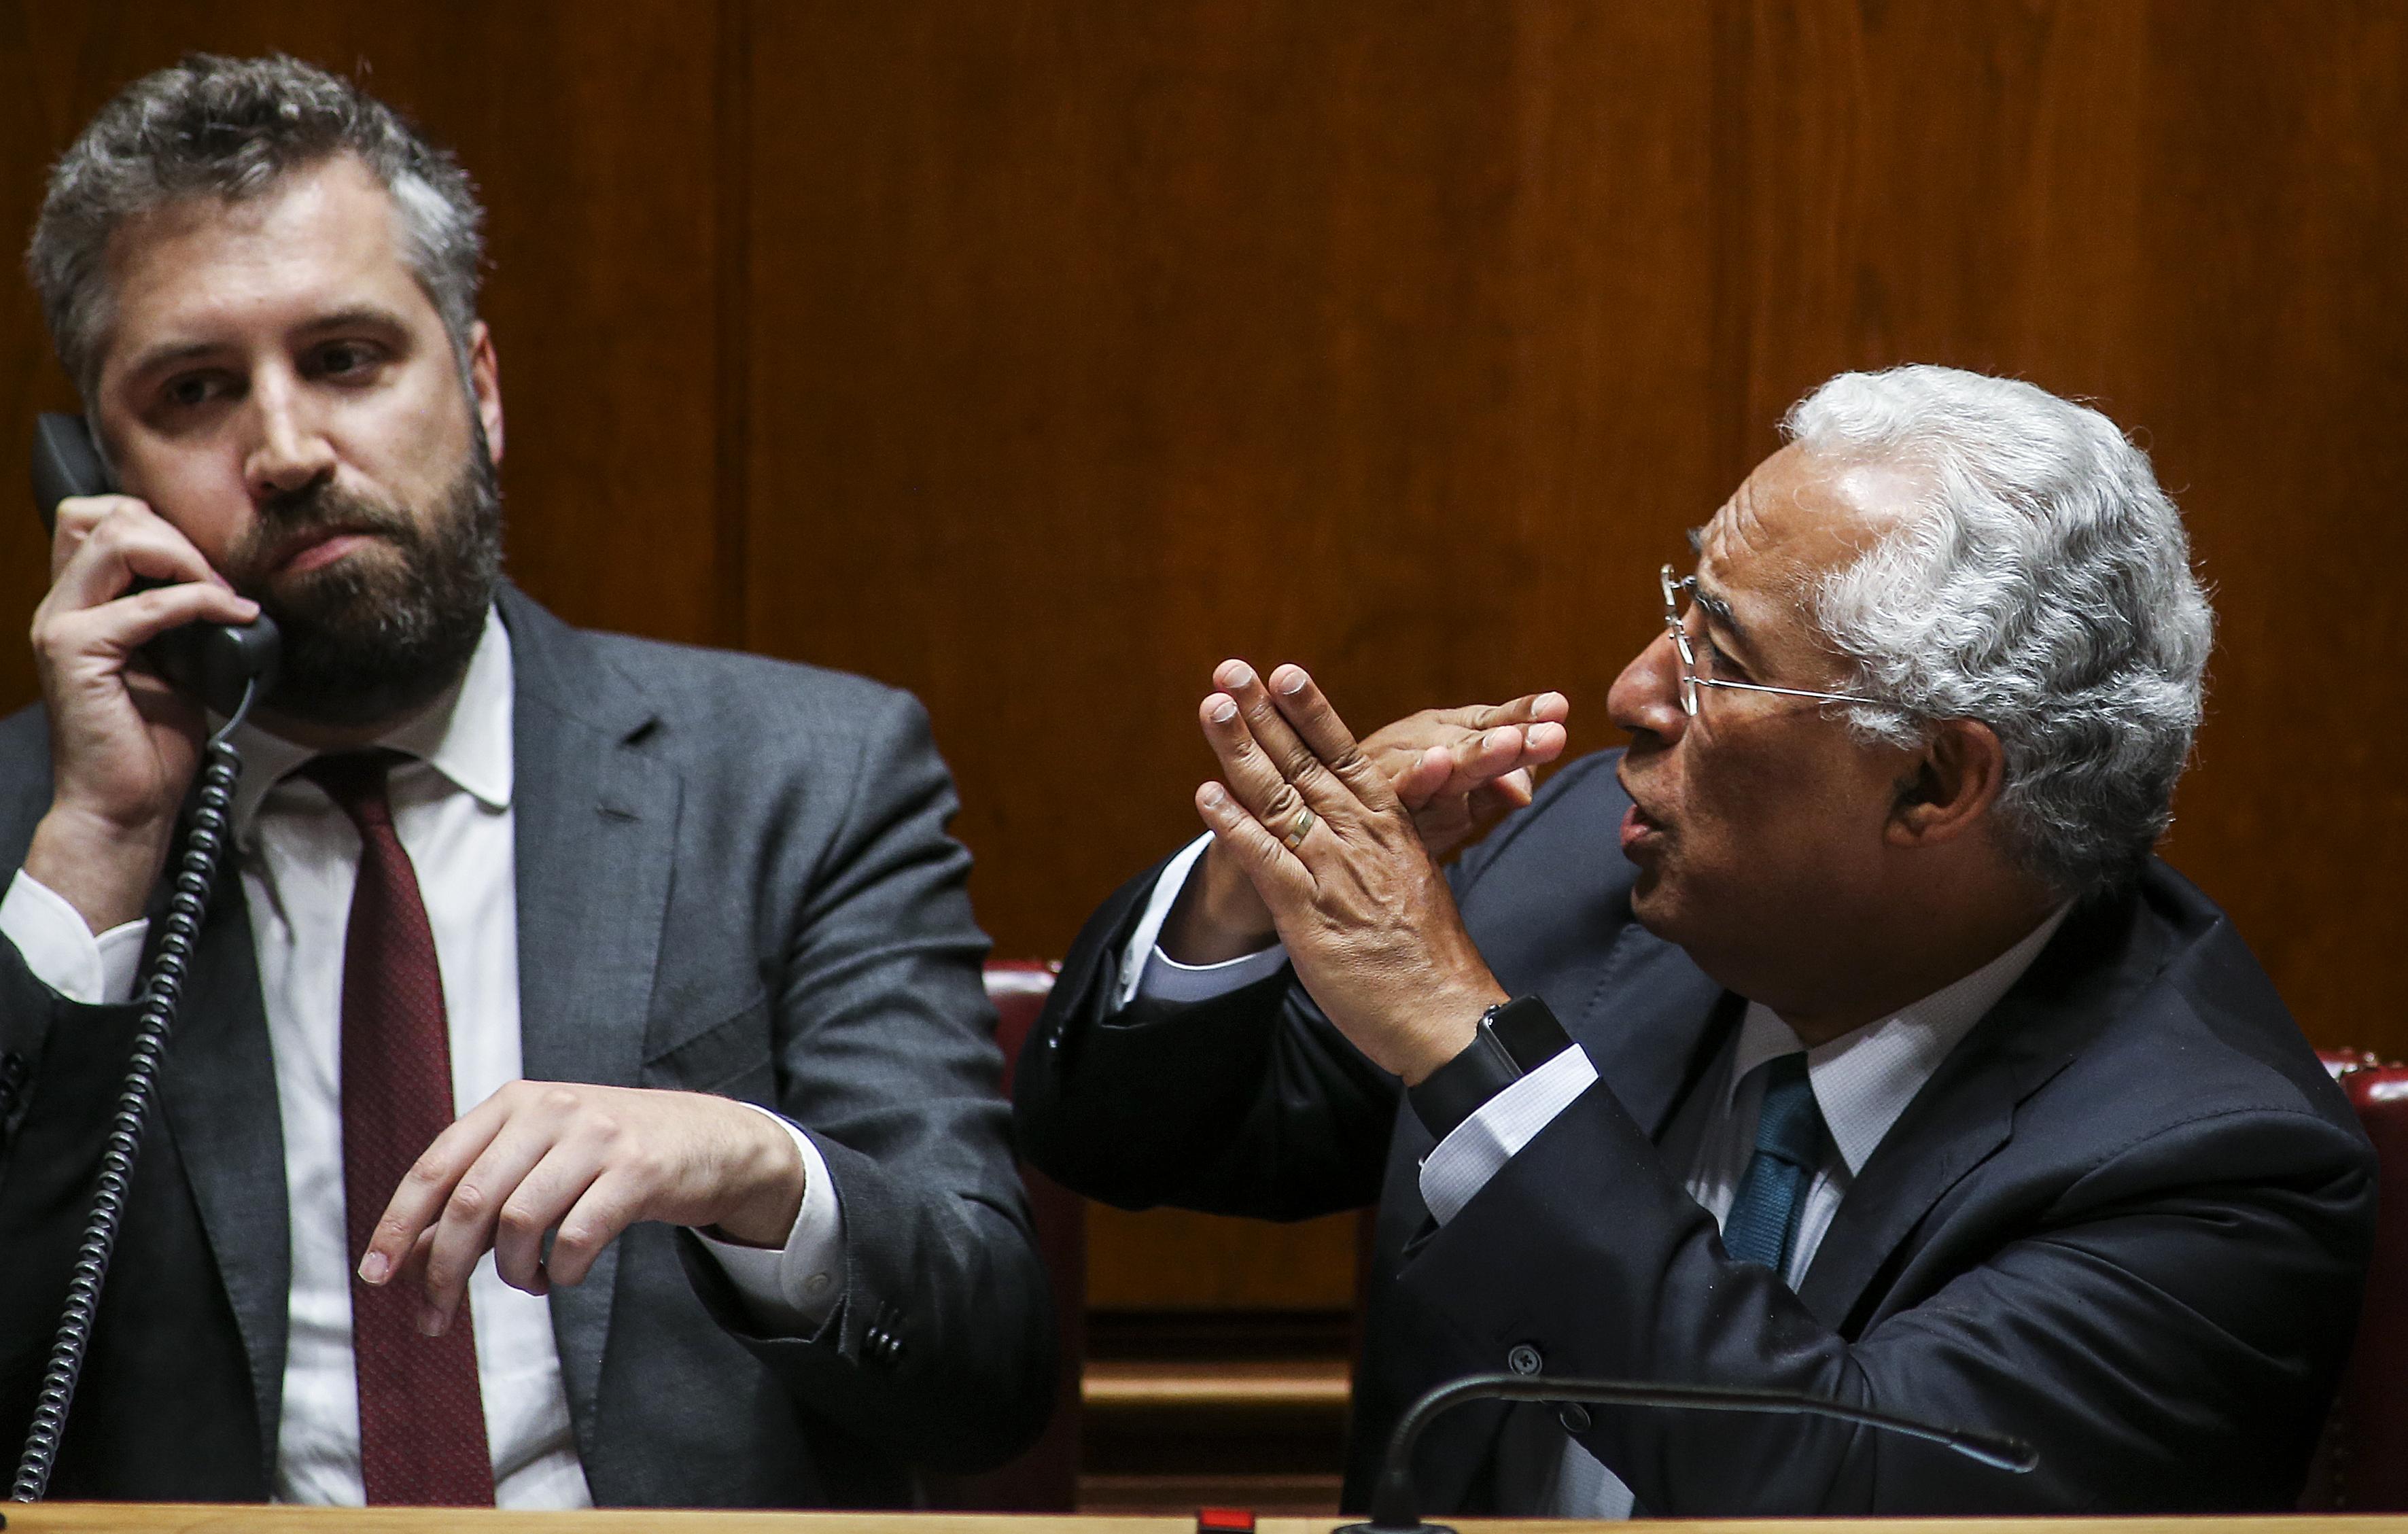 PSD rejeita grandes obras públicas e acusa Costa de